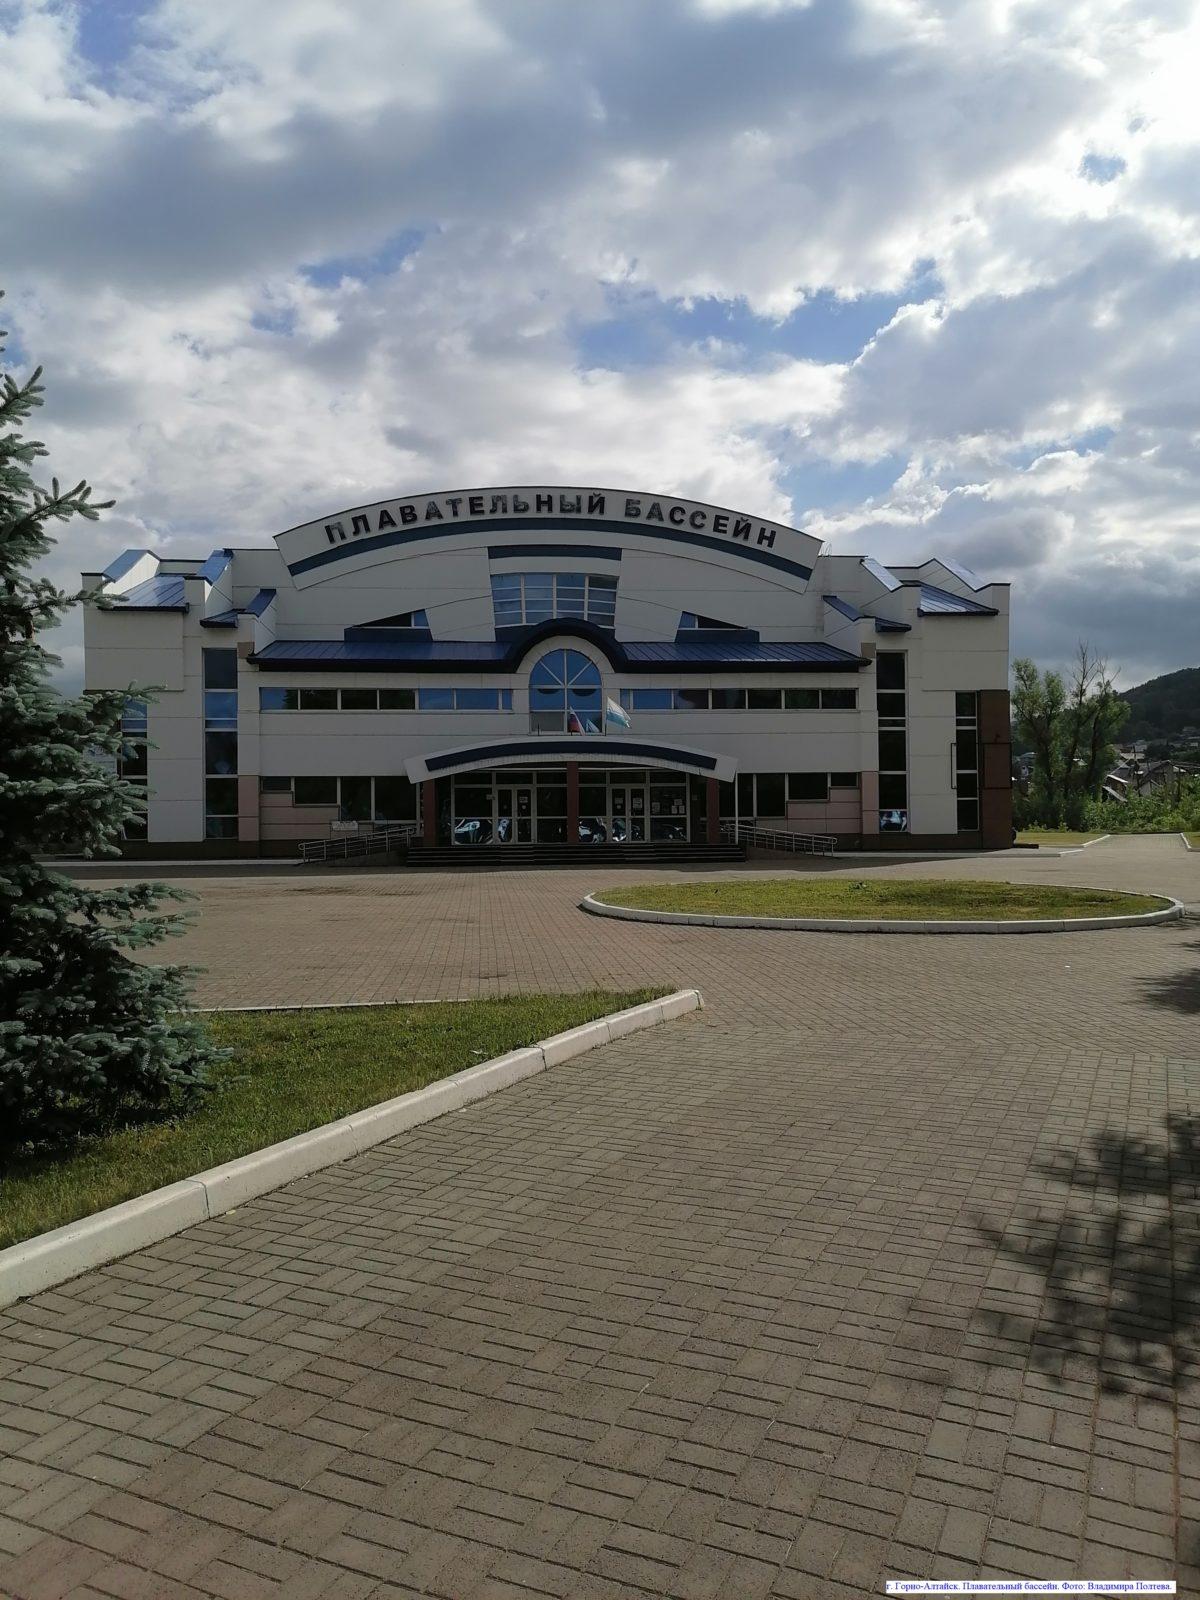 г. Горно-Алтайск. Плавательный бассейн.